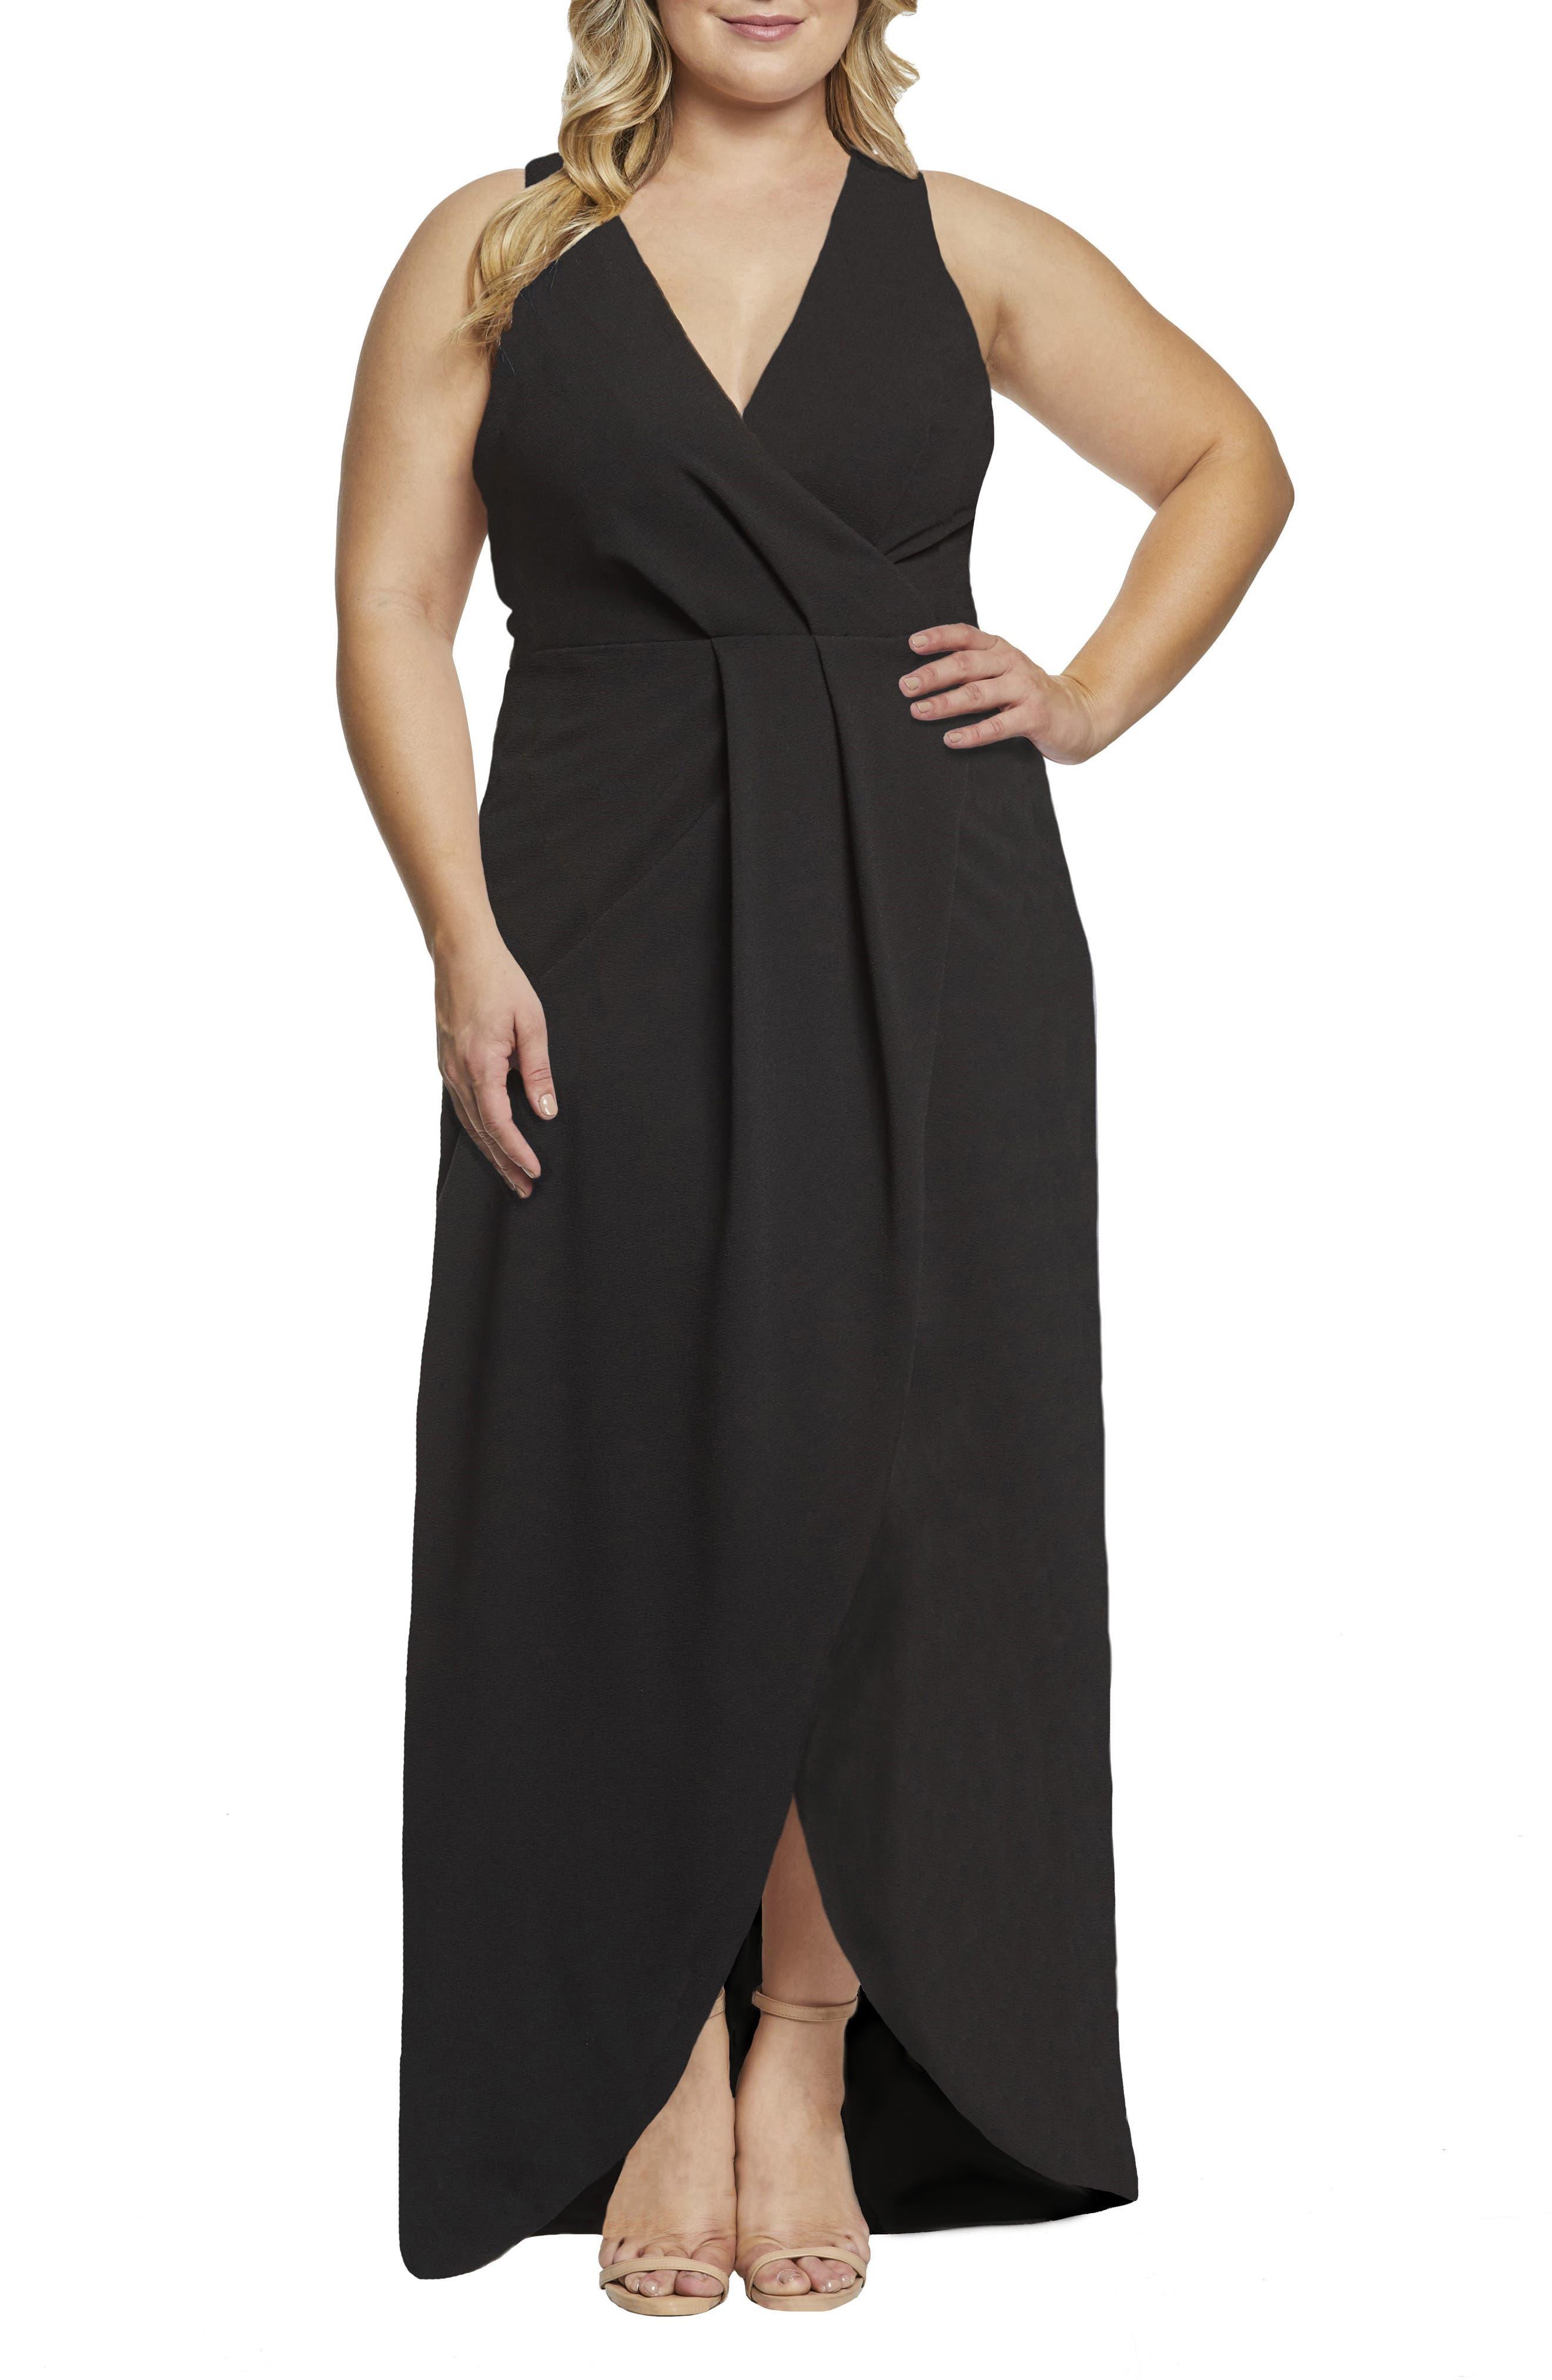 Plus Size Dress The Population Ariel Racerback Faux Wrap Evening Dress, Black